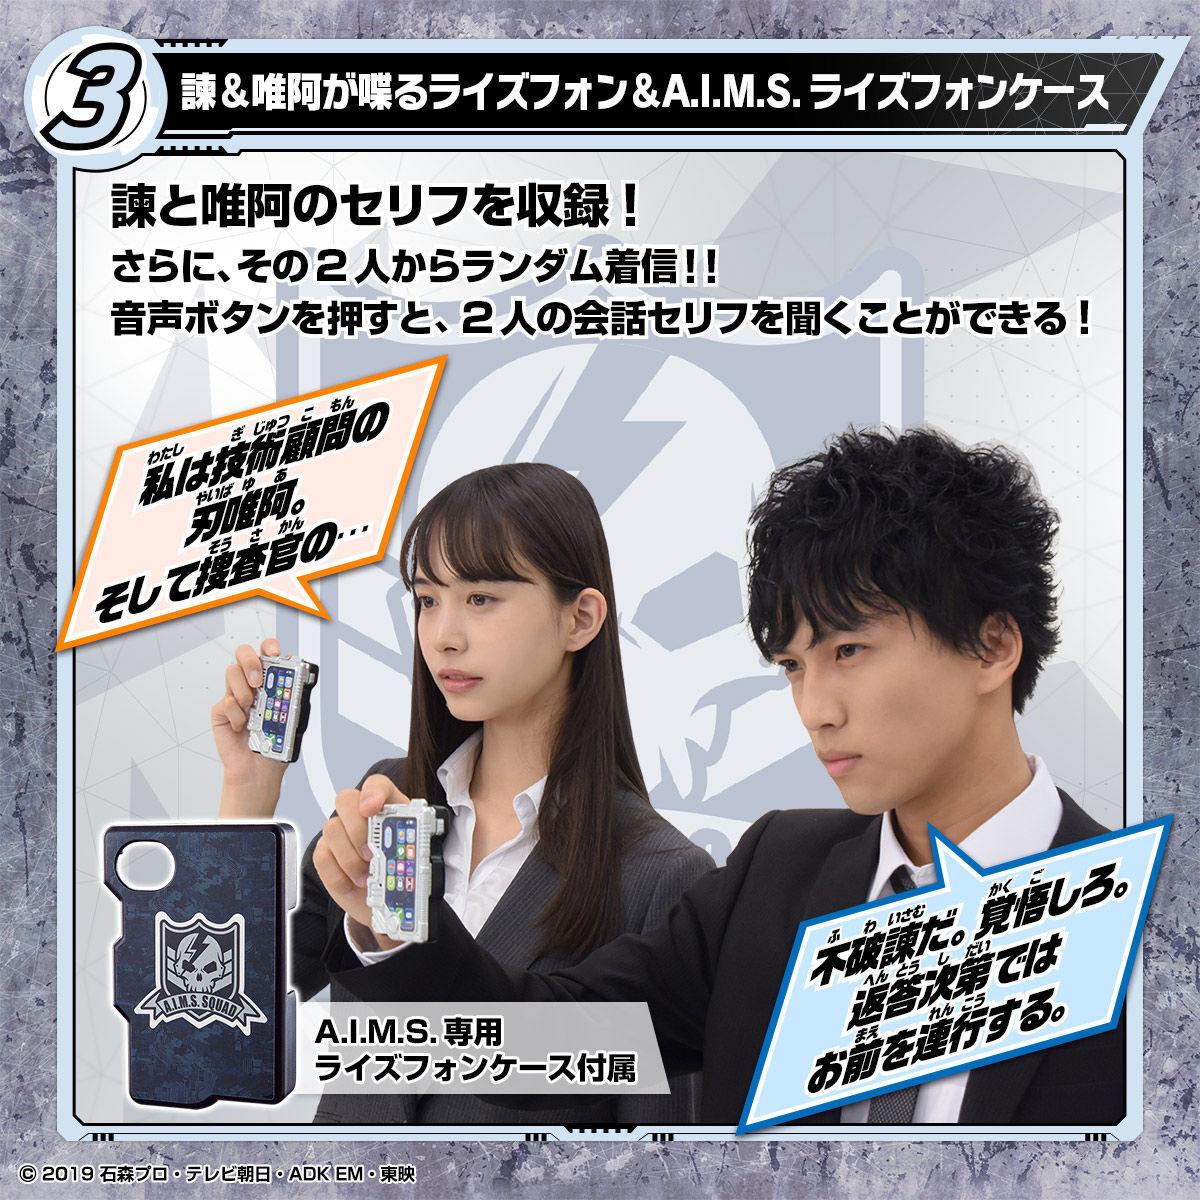 【限定販売】仮面ライダーゼロワン『DXエイムズなりきりセット』変身なりきり-006